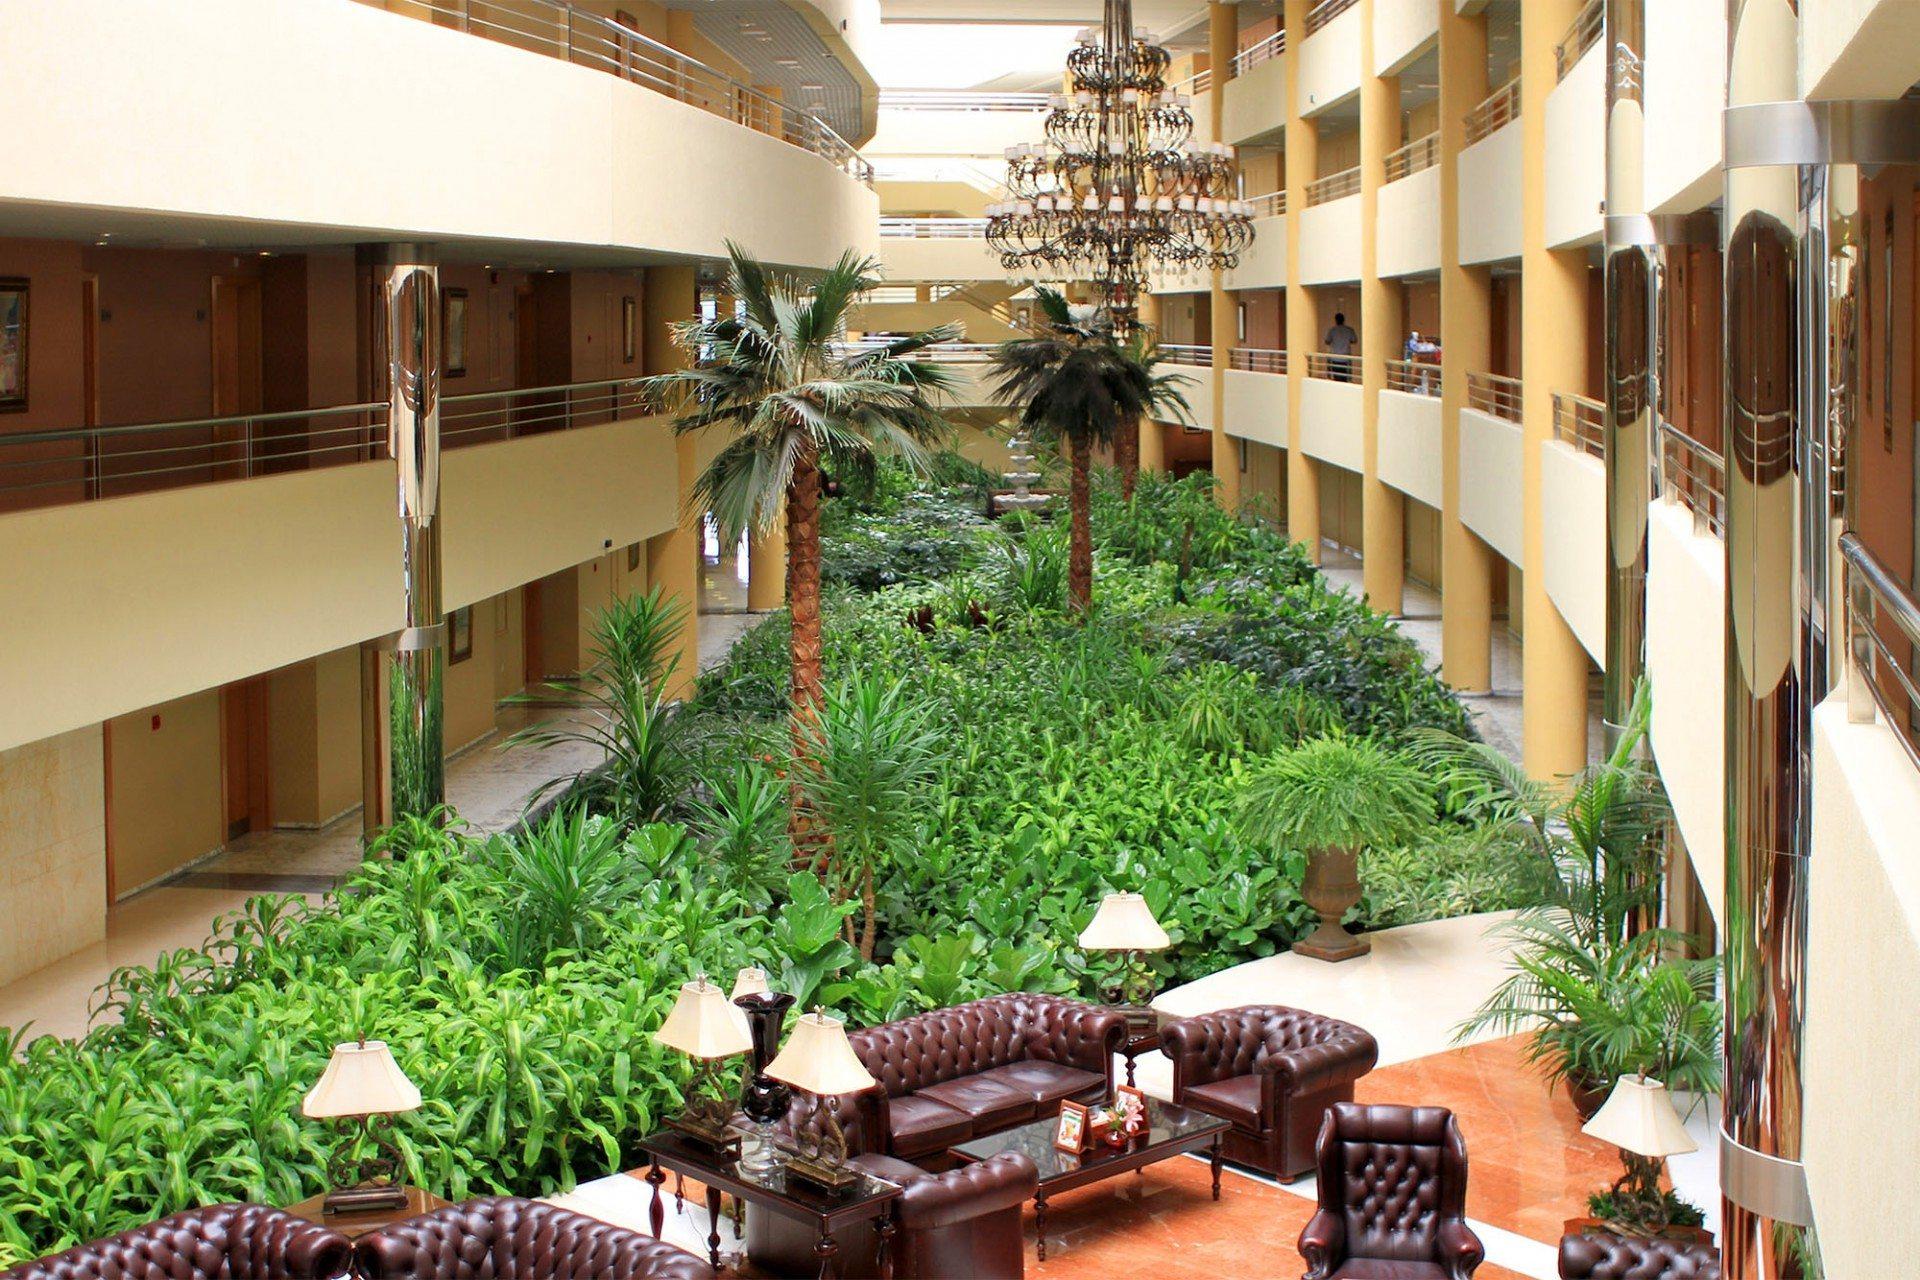 Saftig. 142 Pflanzenarten verwandeln die Hotellobby im Westflügel in einen knallgrünen Garten. Die schweren Ledersofas sind genau richtig für eine Siesta auf arabisch mit Datteln und Qahwa.